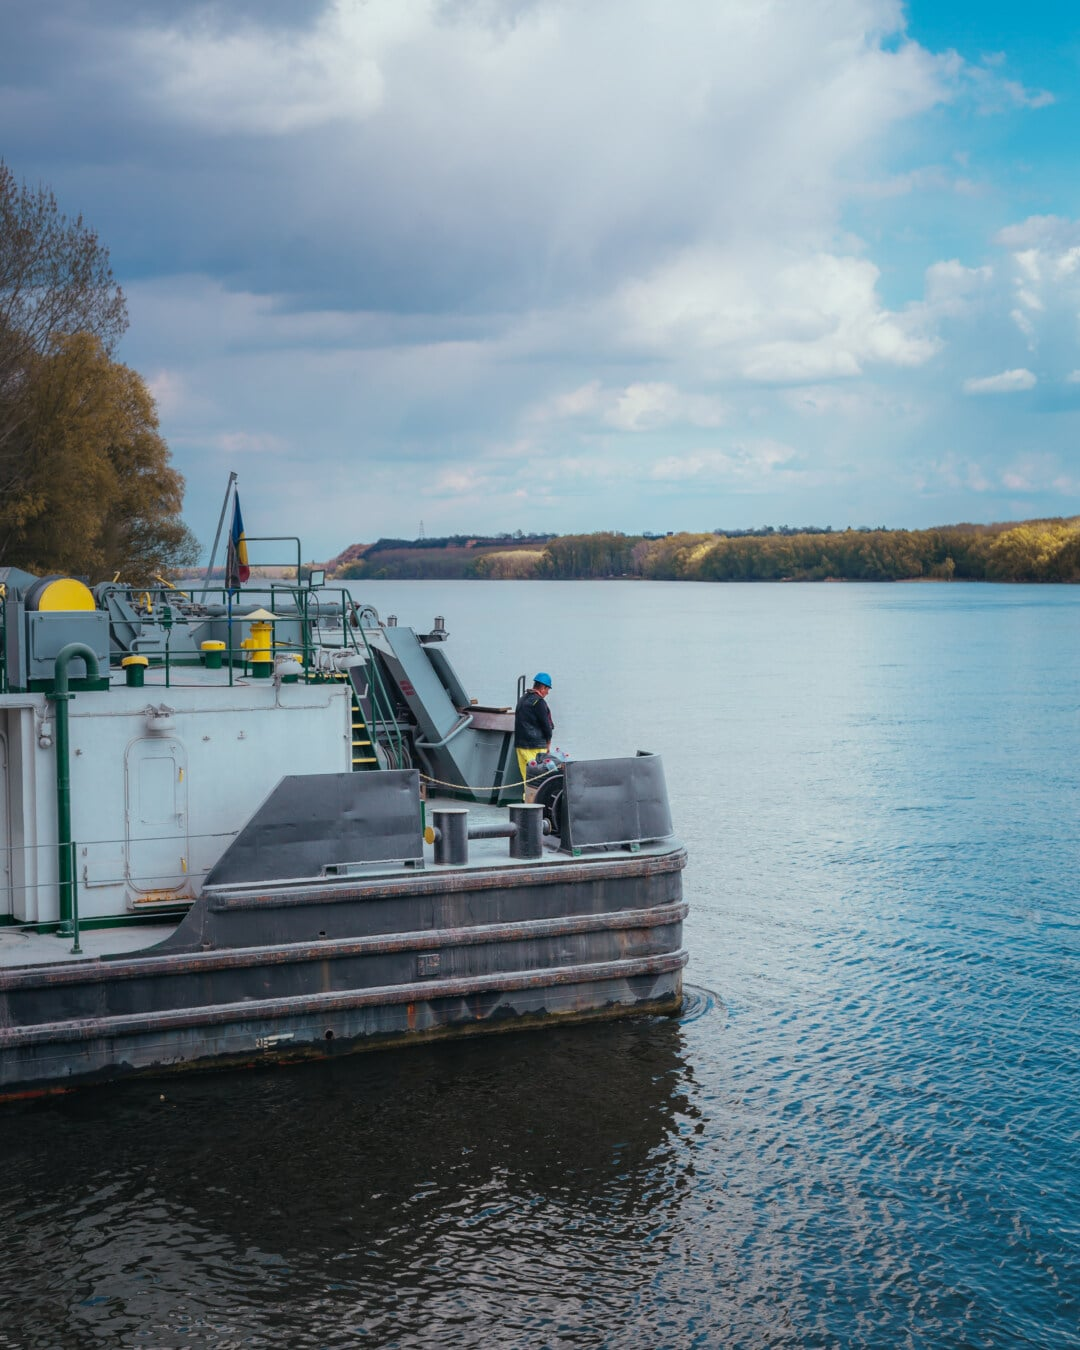 port, navire, remorqueur, secteur d'activité, quai, embarcation, bateau, eau, rivière, véhicule